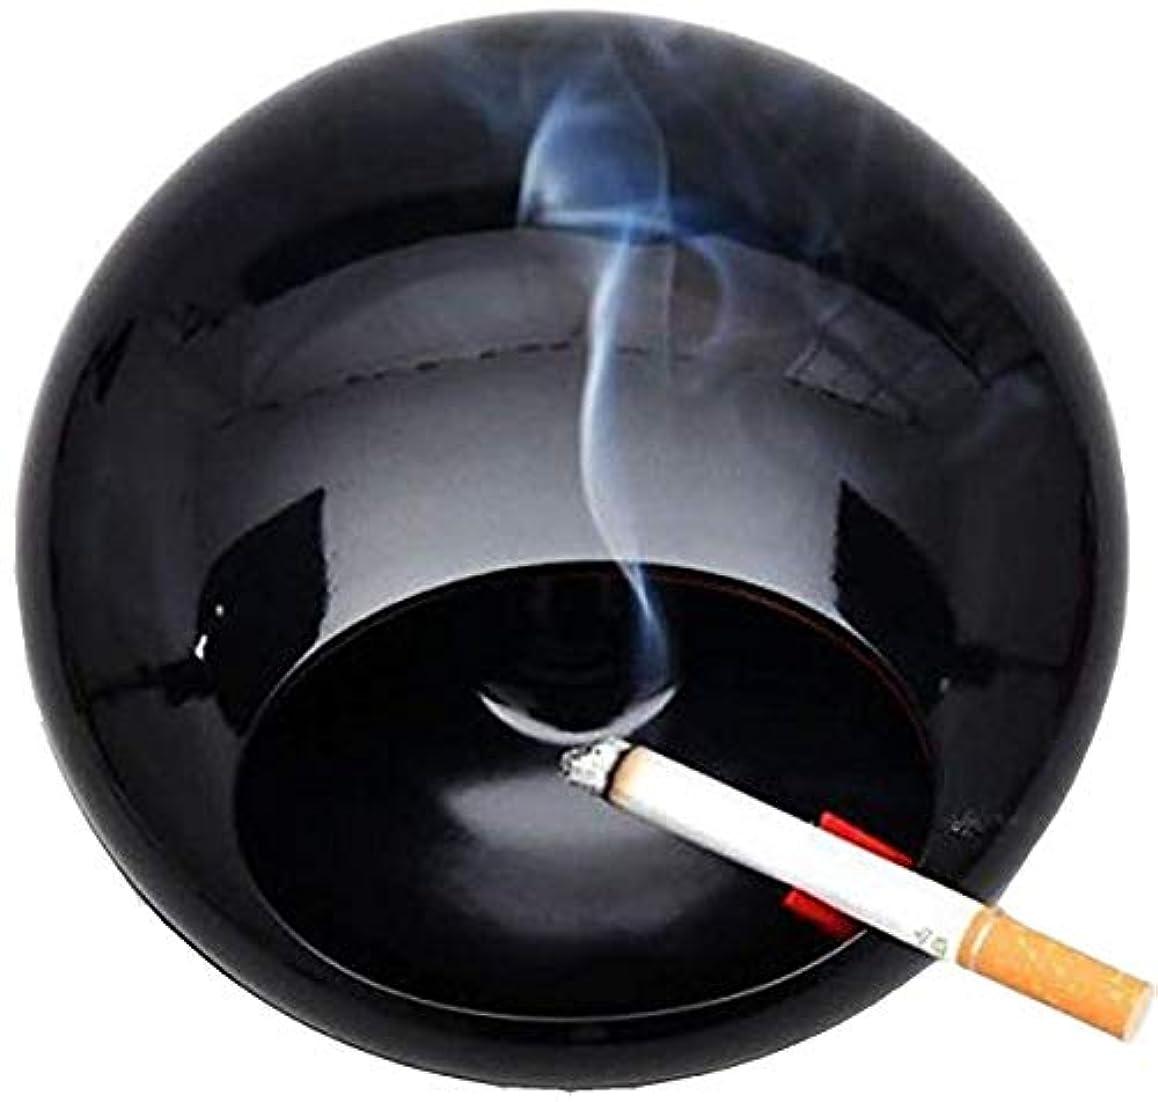 ブラインド電球の量蓋メラミン磁器煙すすコレクター黒と灰皿を回転させます